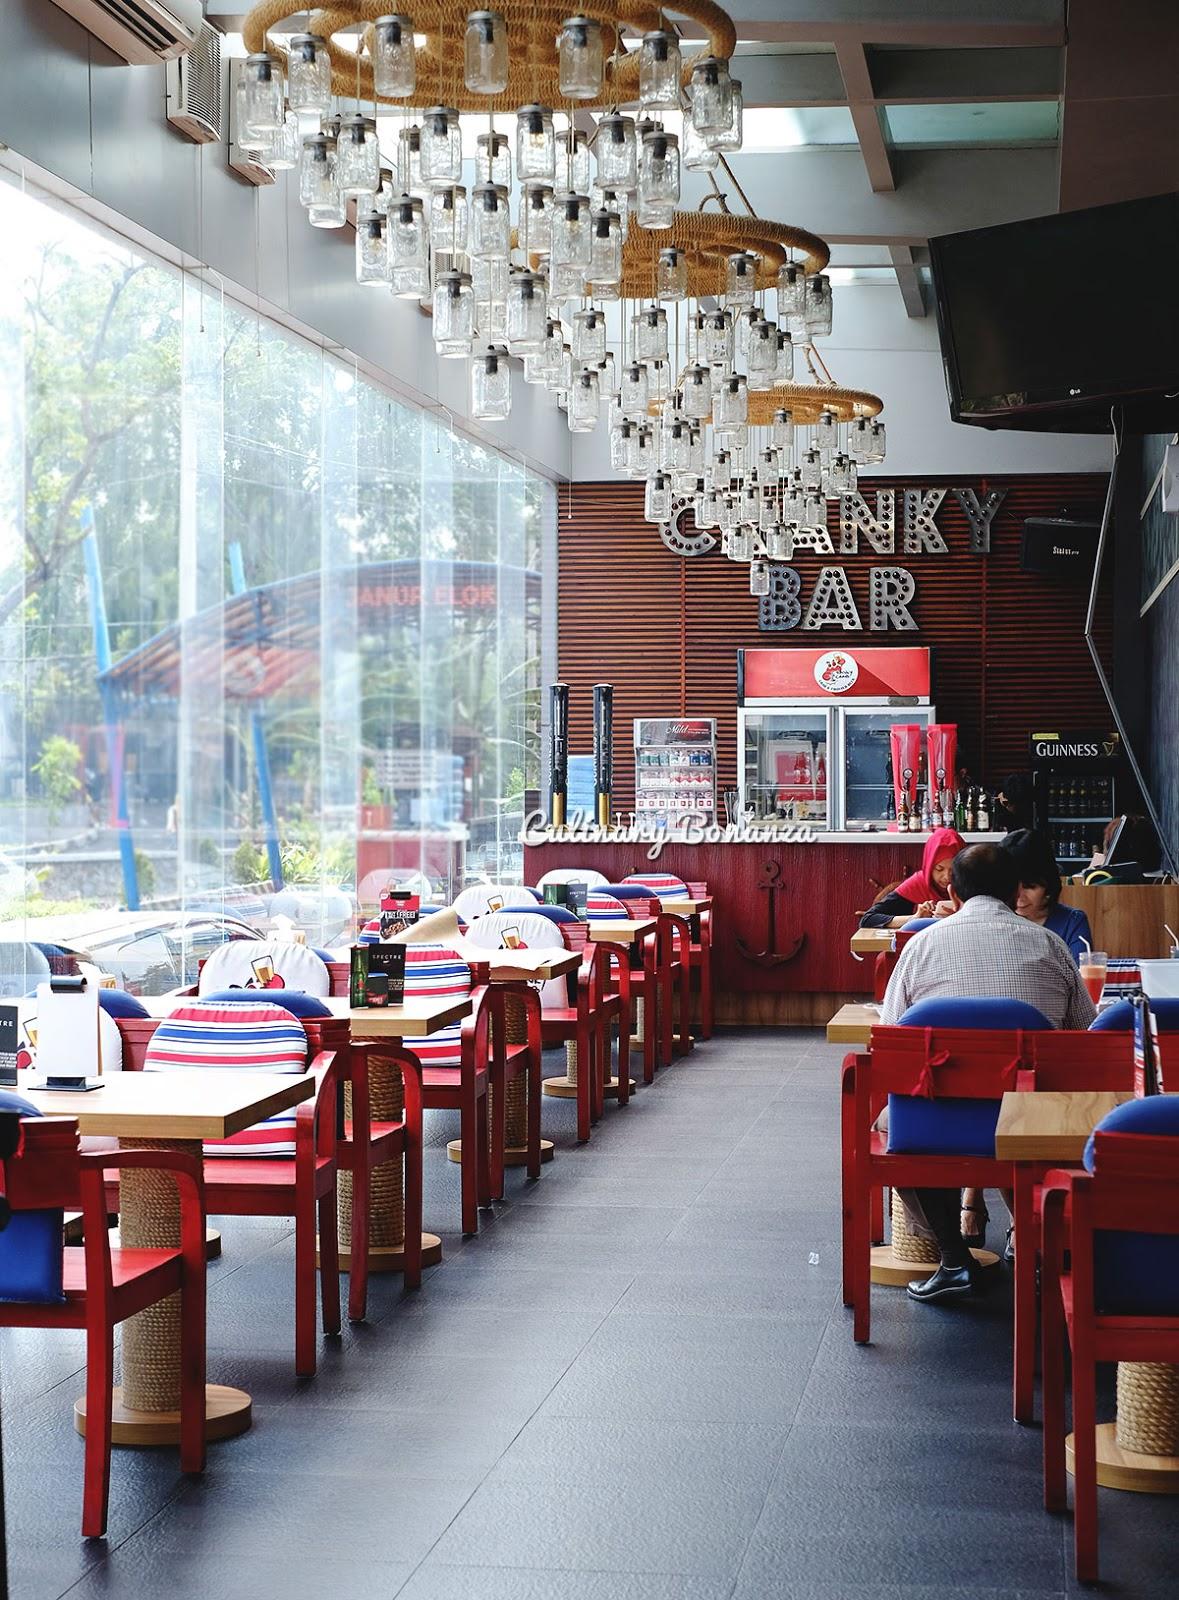 Cranky Crab (www.culinarybonanza.com)